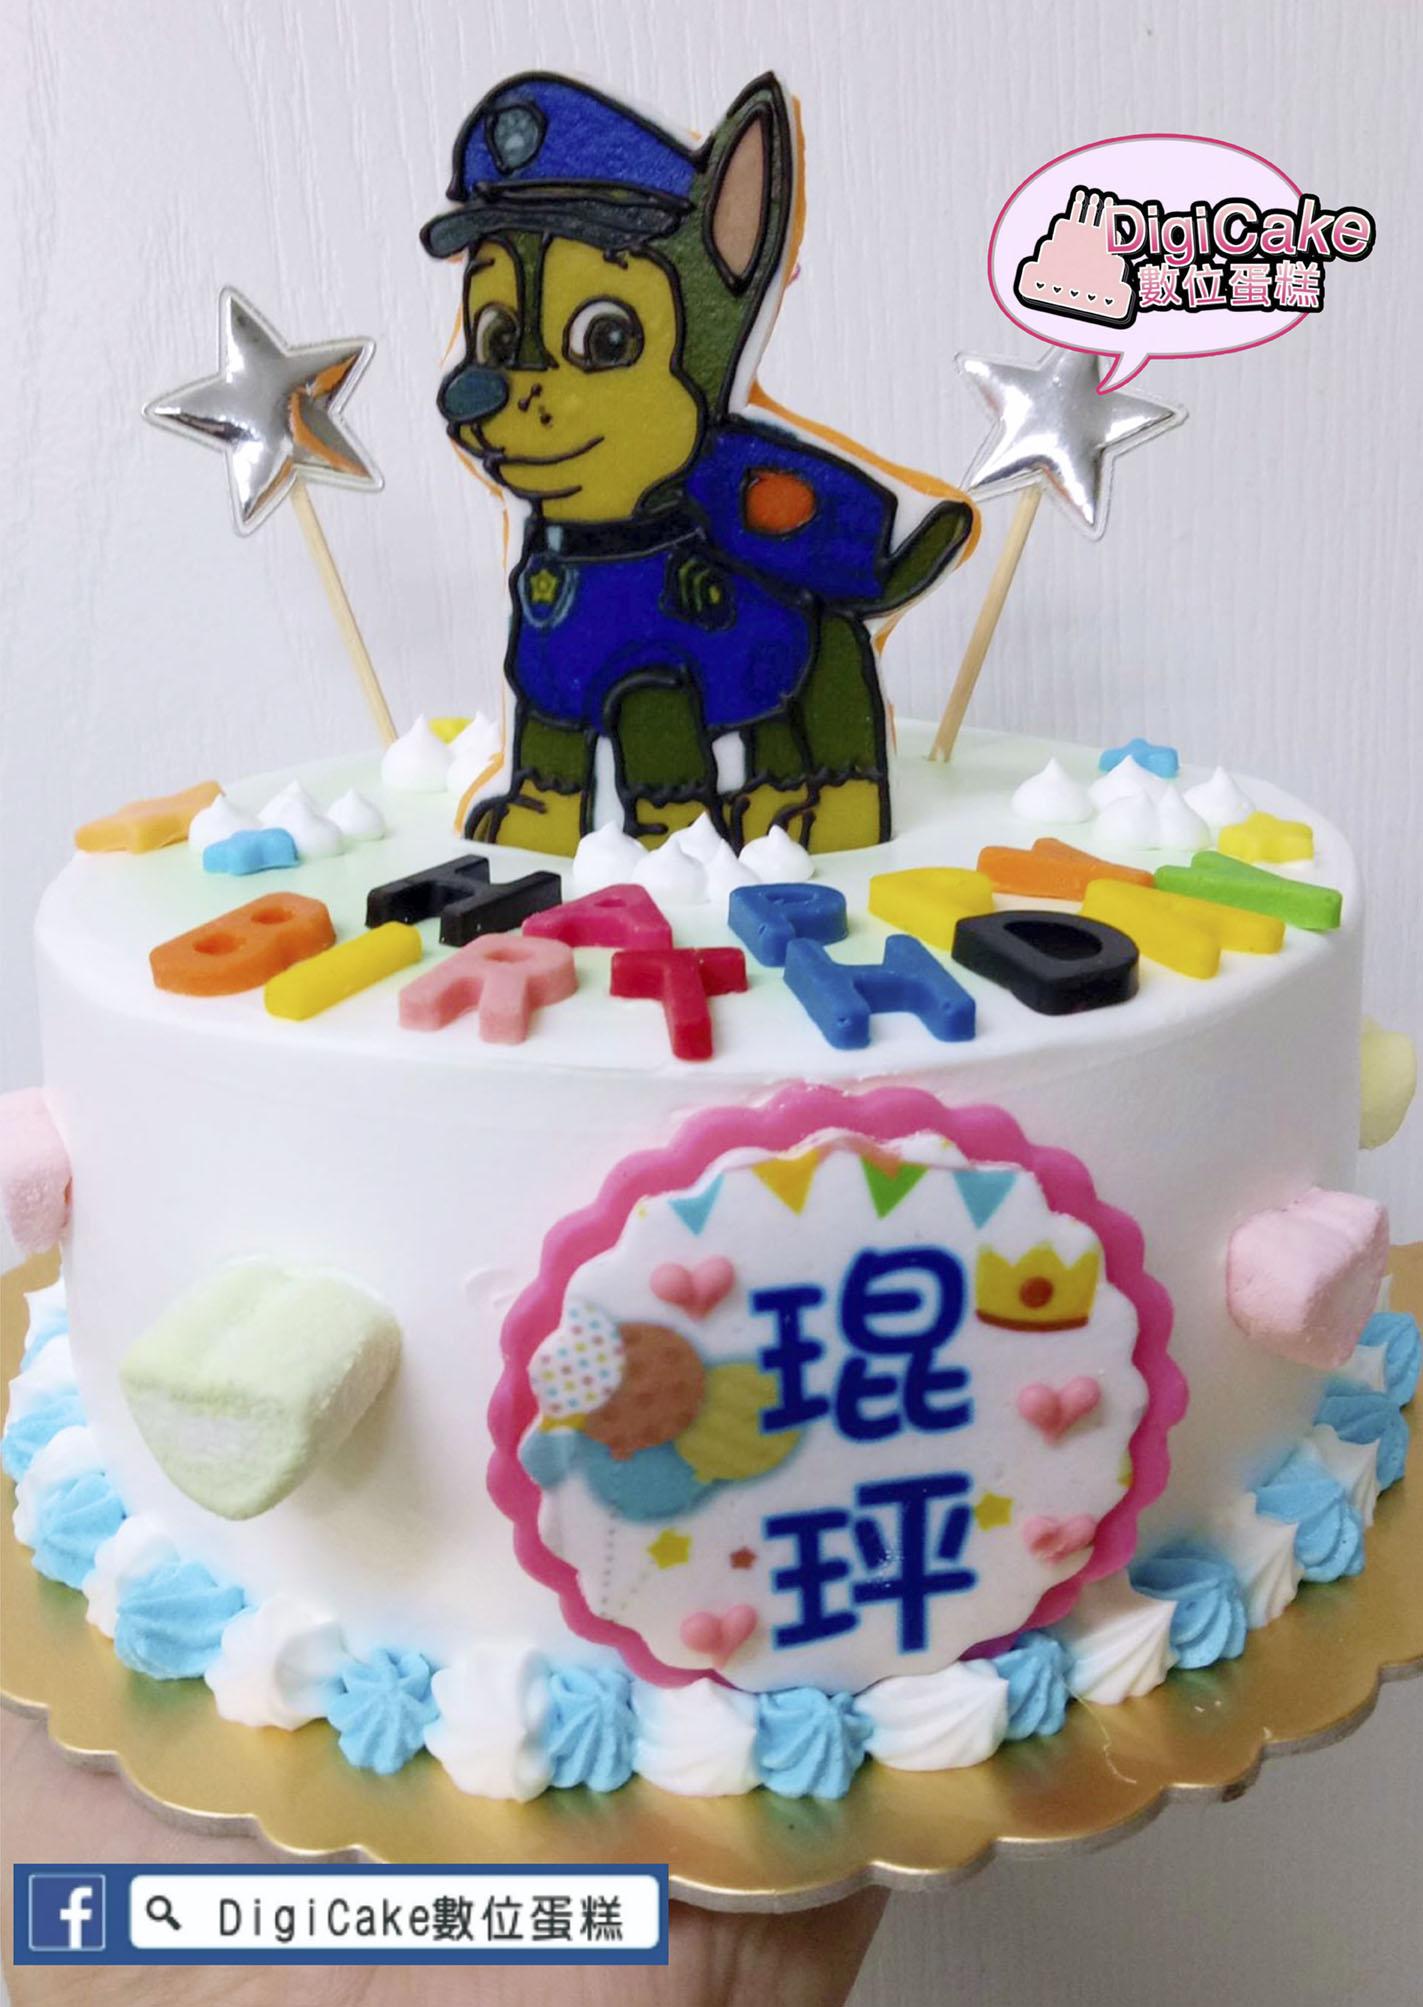 點此進入汪汪狗狗手繪糖片造型蛋糕的詳細資料!